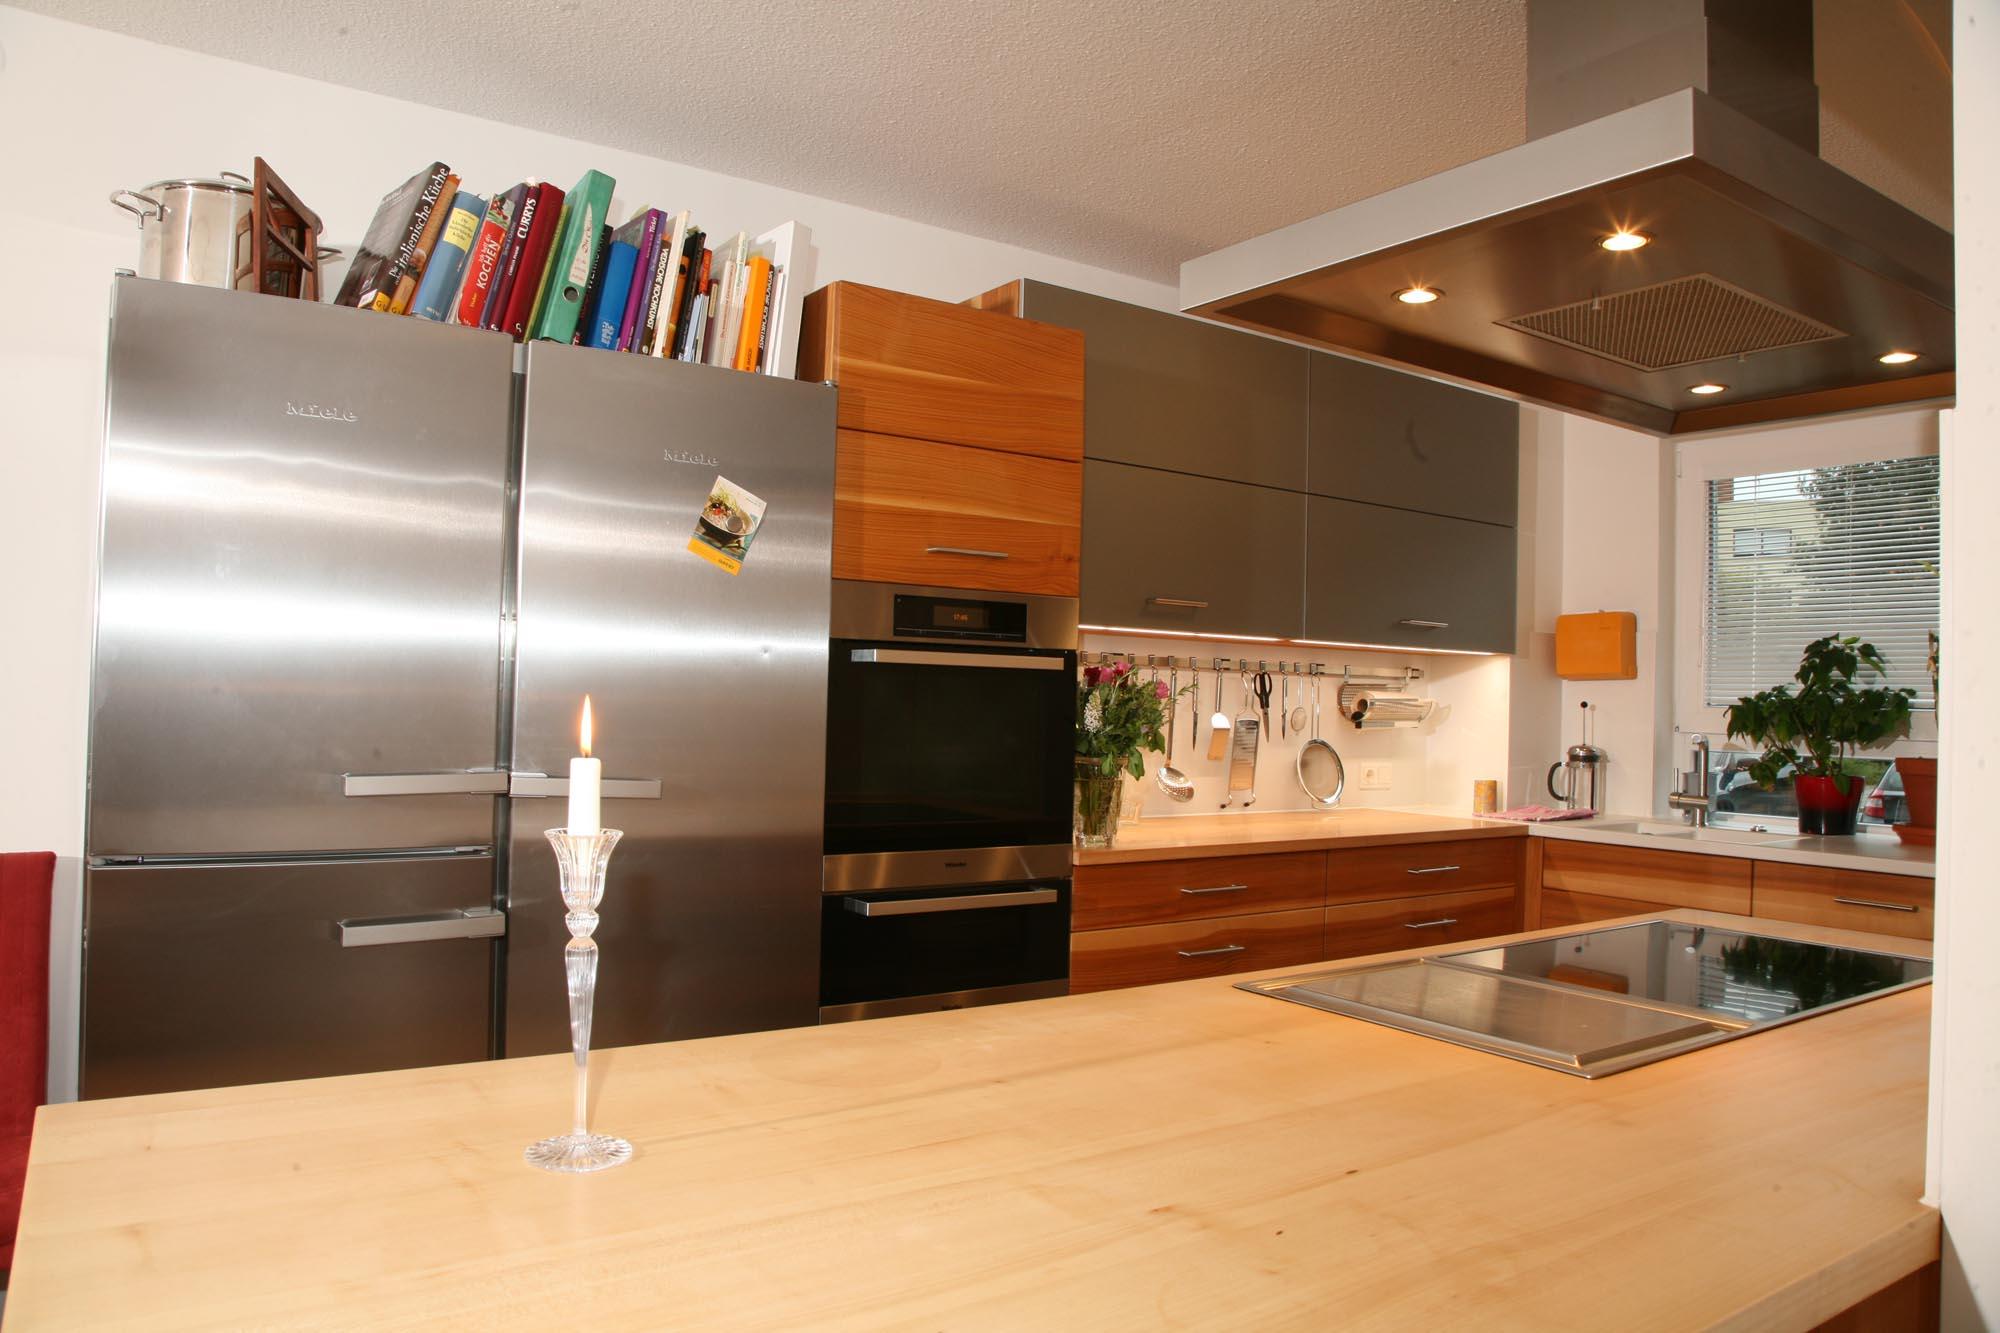 die besten k chen der m belmacher im jahr 2011 aus dem. Black Bedroom Furniture Sets. Home Design Ideas